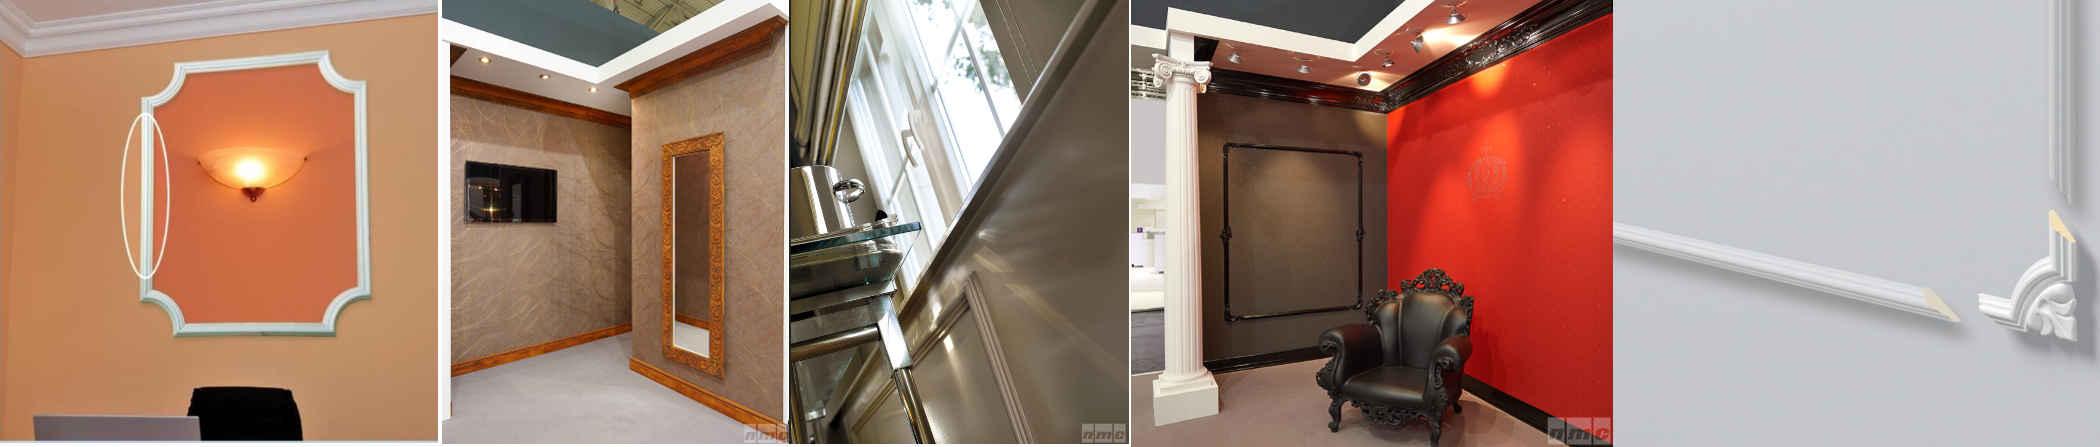 zierleisten aus styropor und polyurethan vld trade gmbh. Black Bedroom Furniture Sets. Home Design Ideas